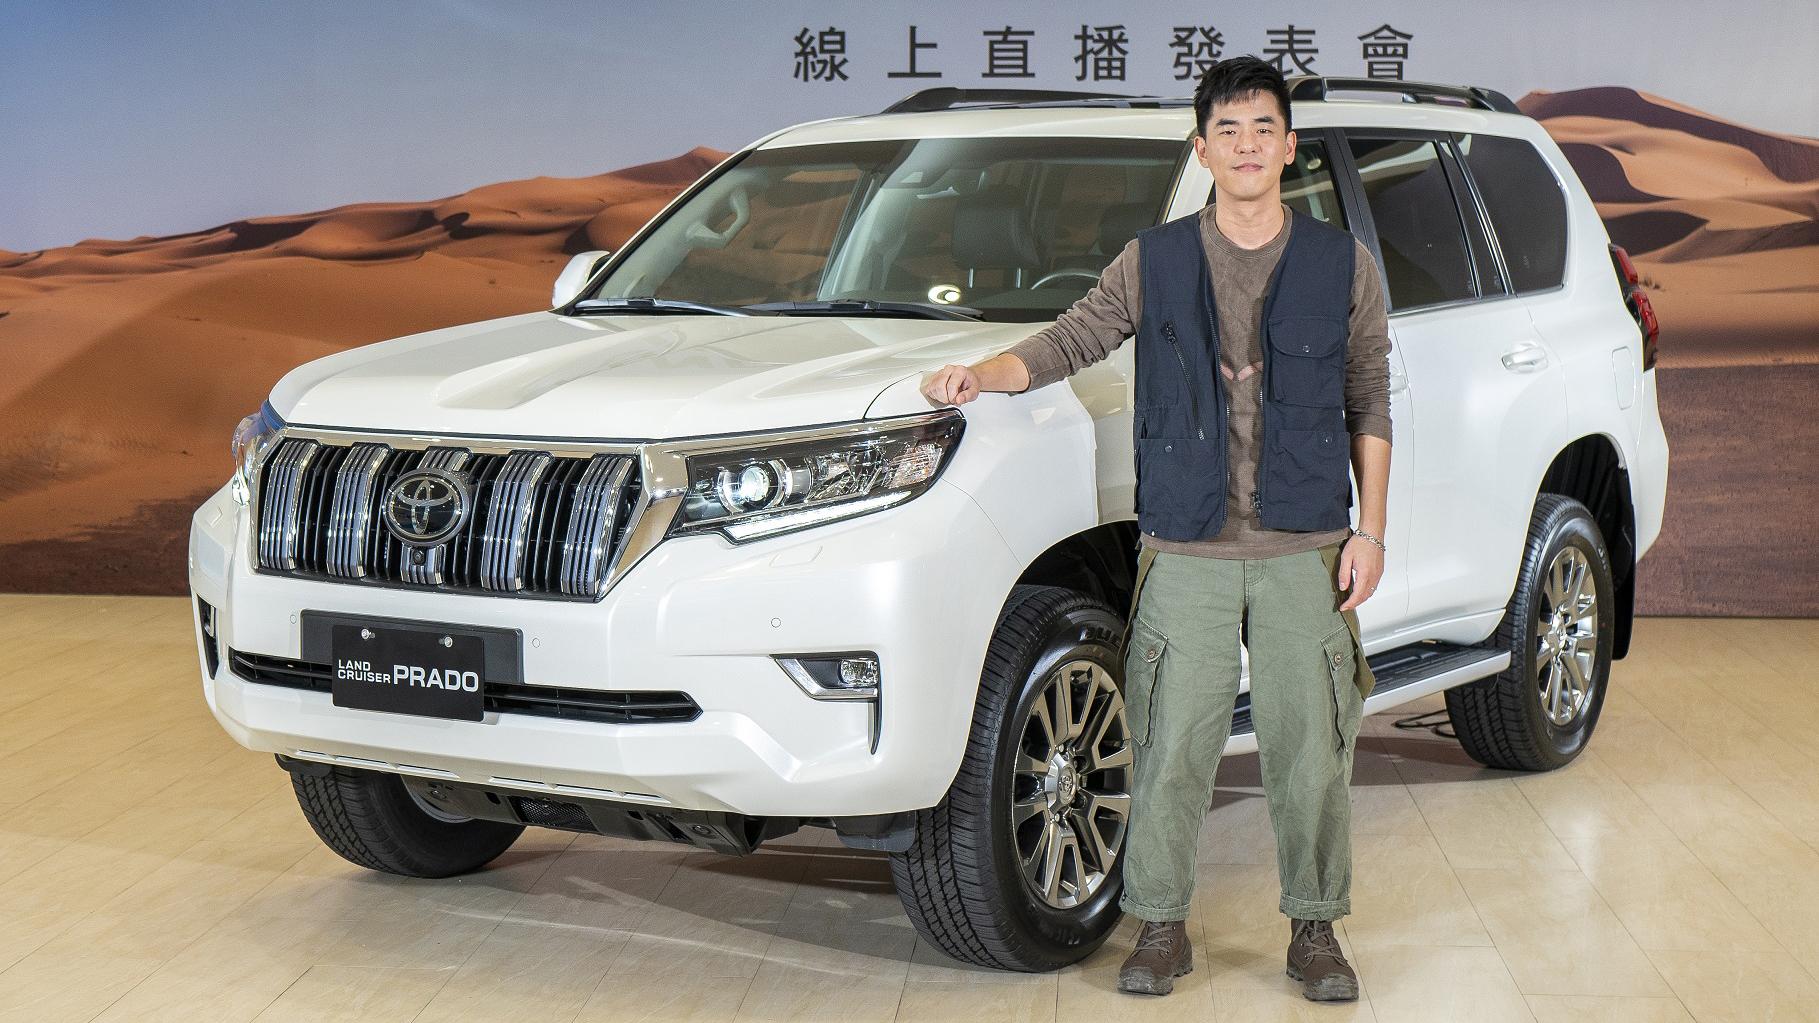 七人座越野休旅 Toyota Land Cruiser Prado 239 萬起正式登台